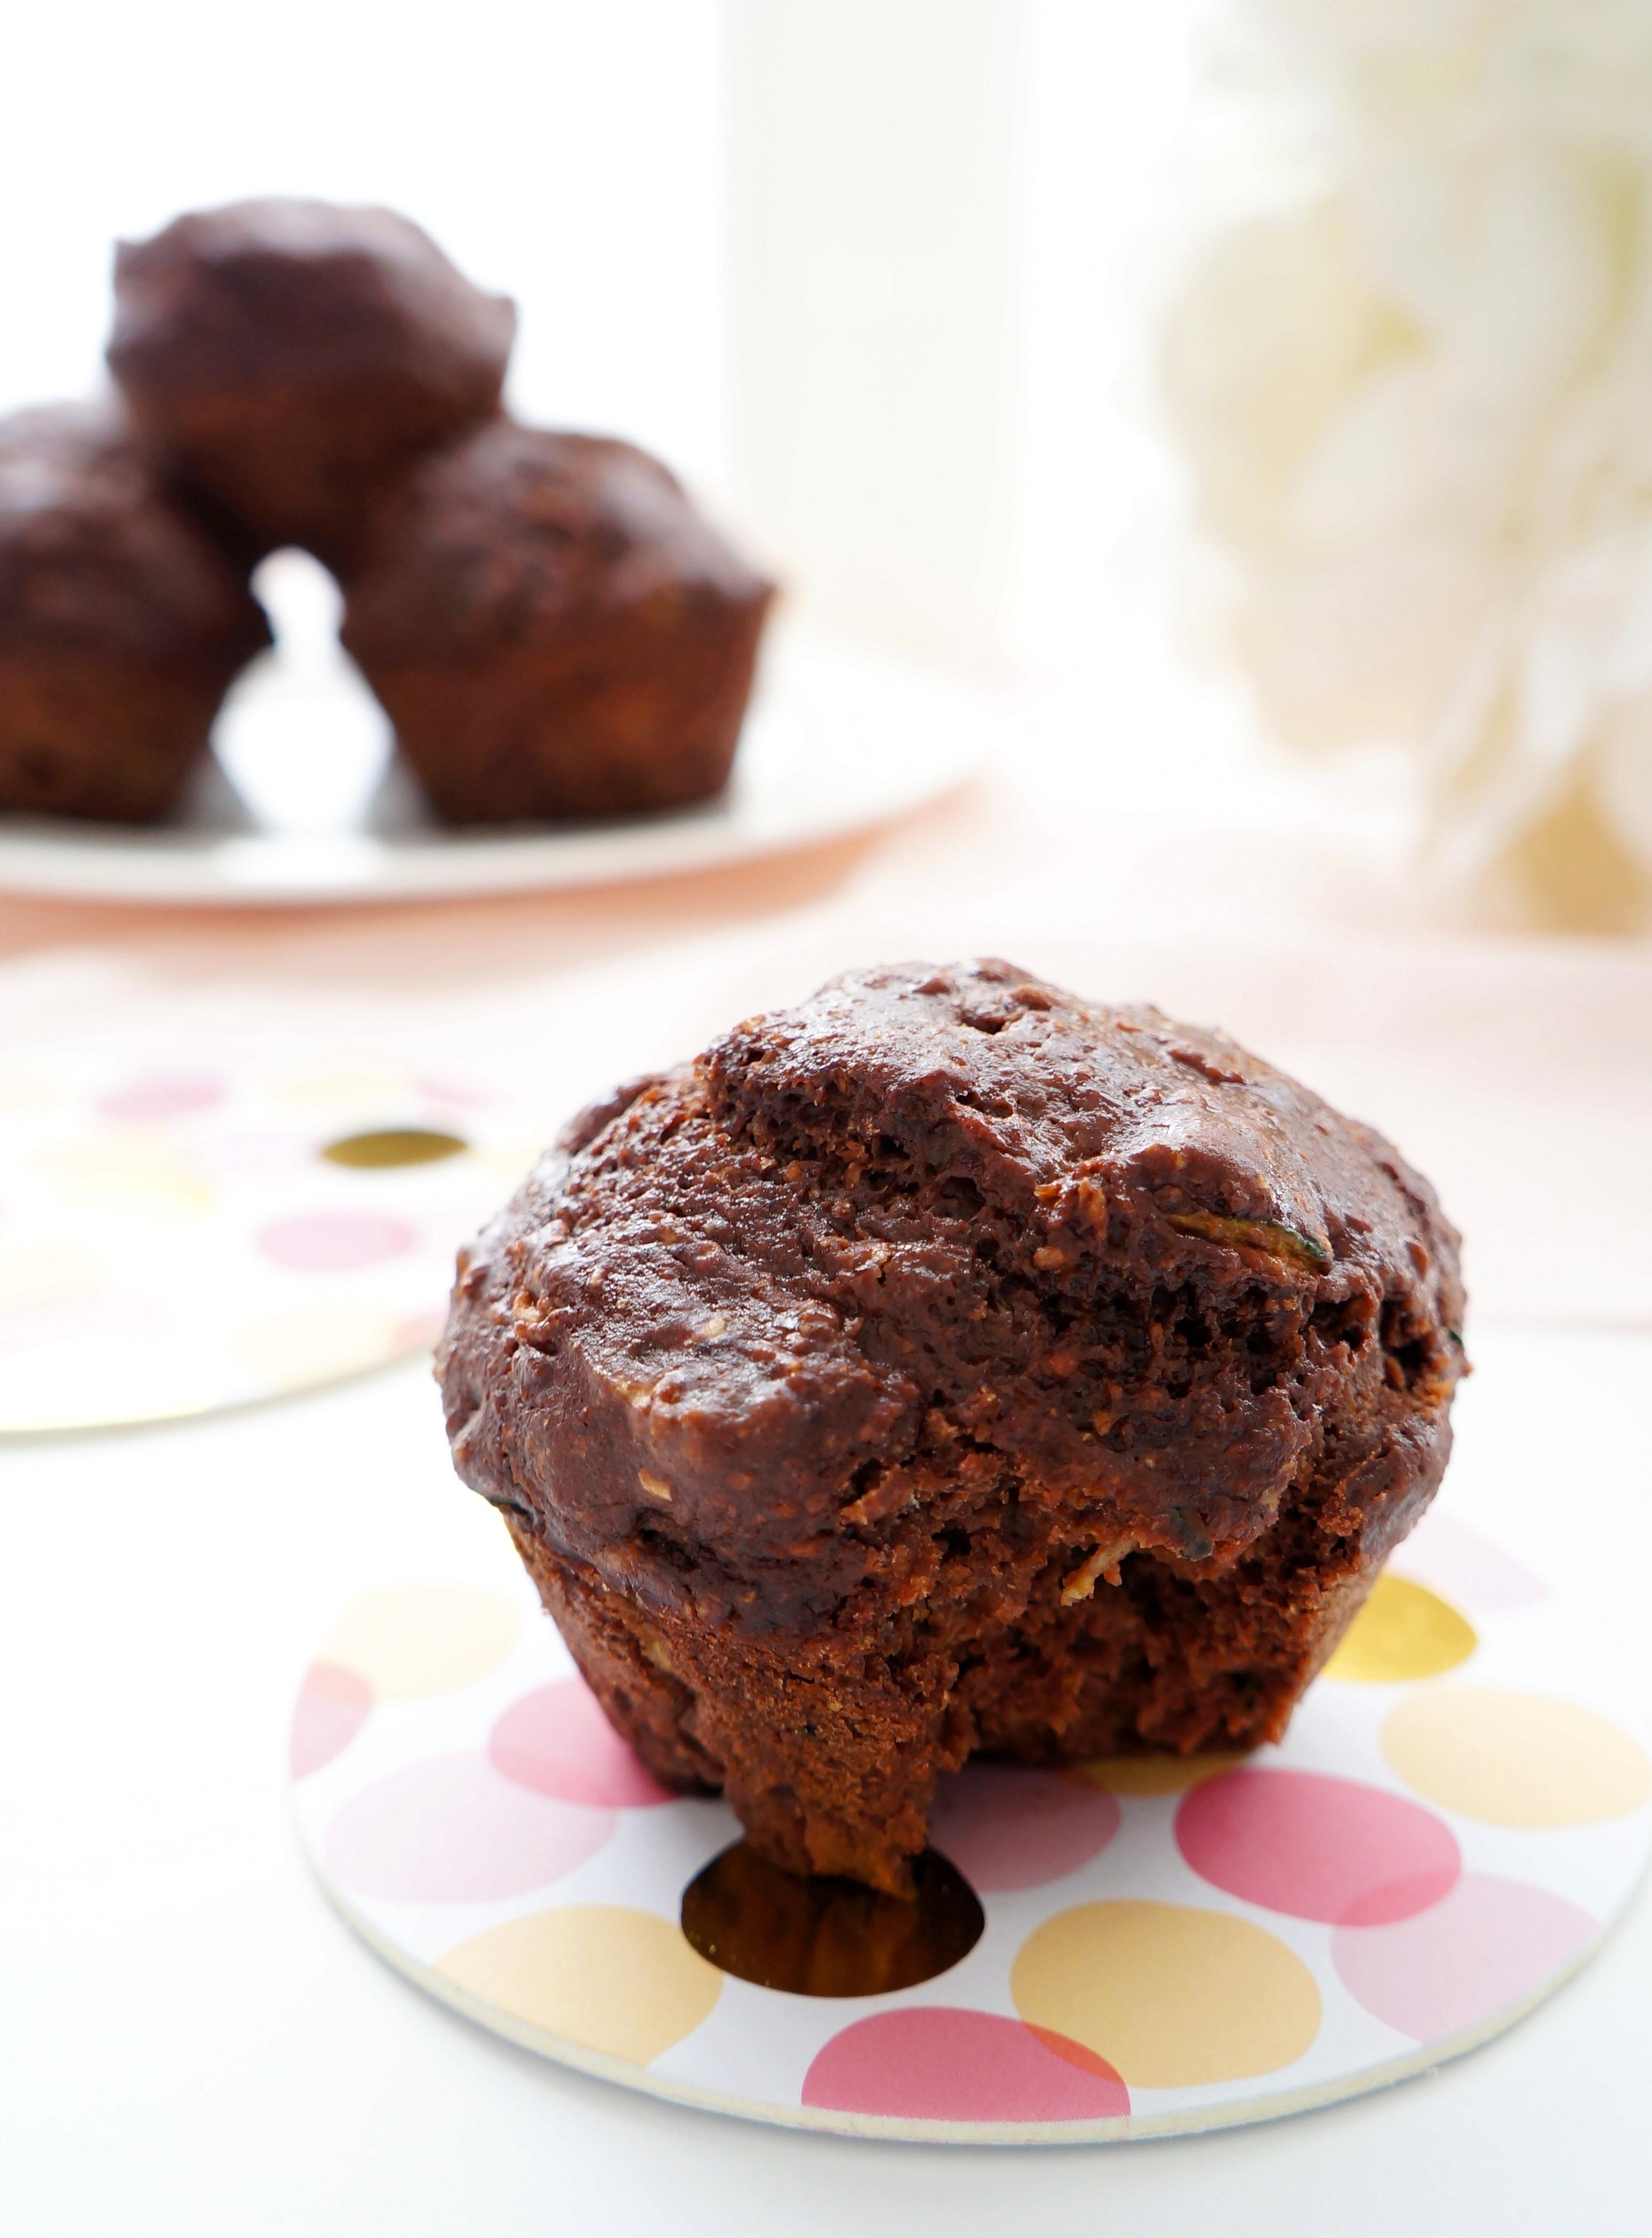 Healthy Chocolate Zucchini Muffins  Haute & Healthy Living Chocolate Zucchini Muffins